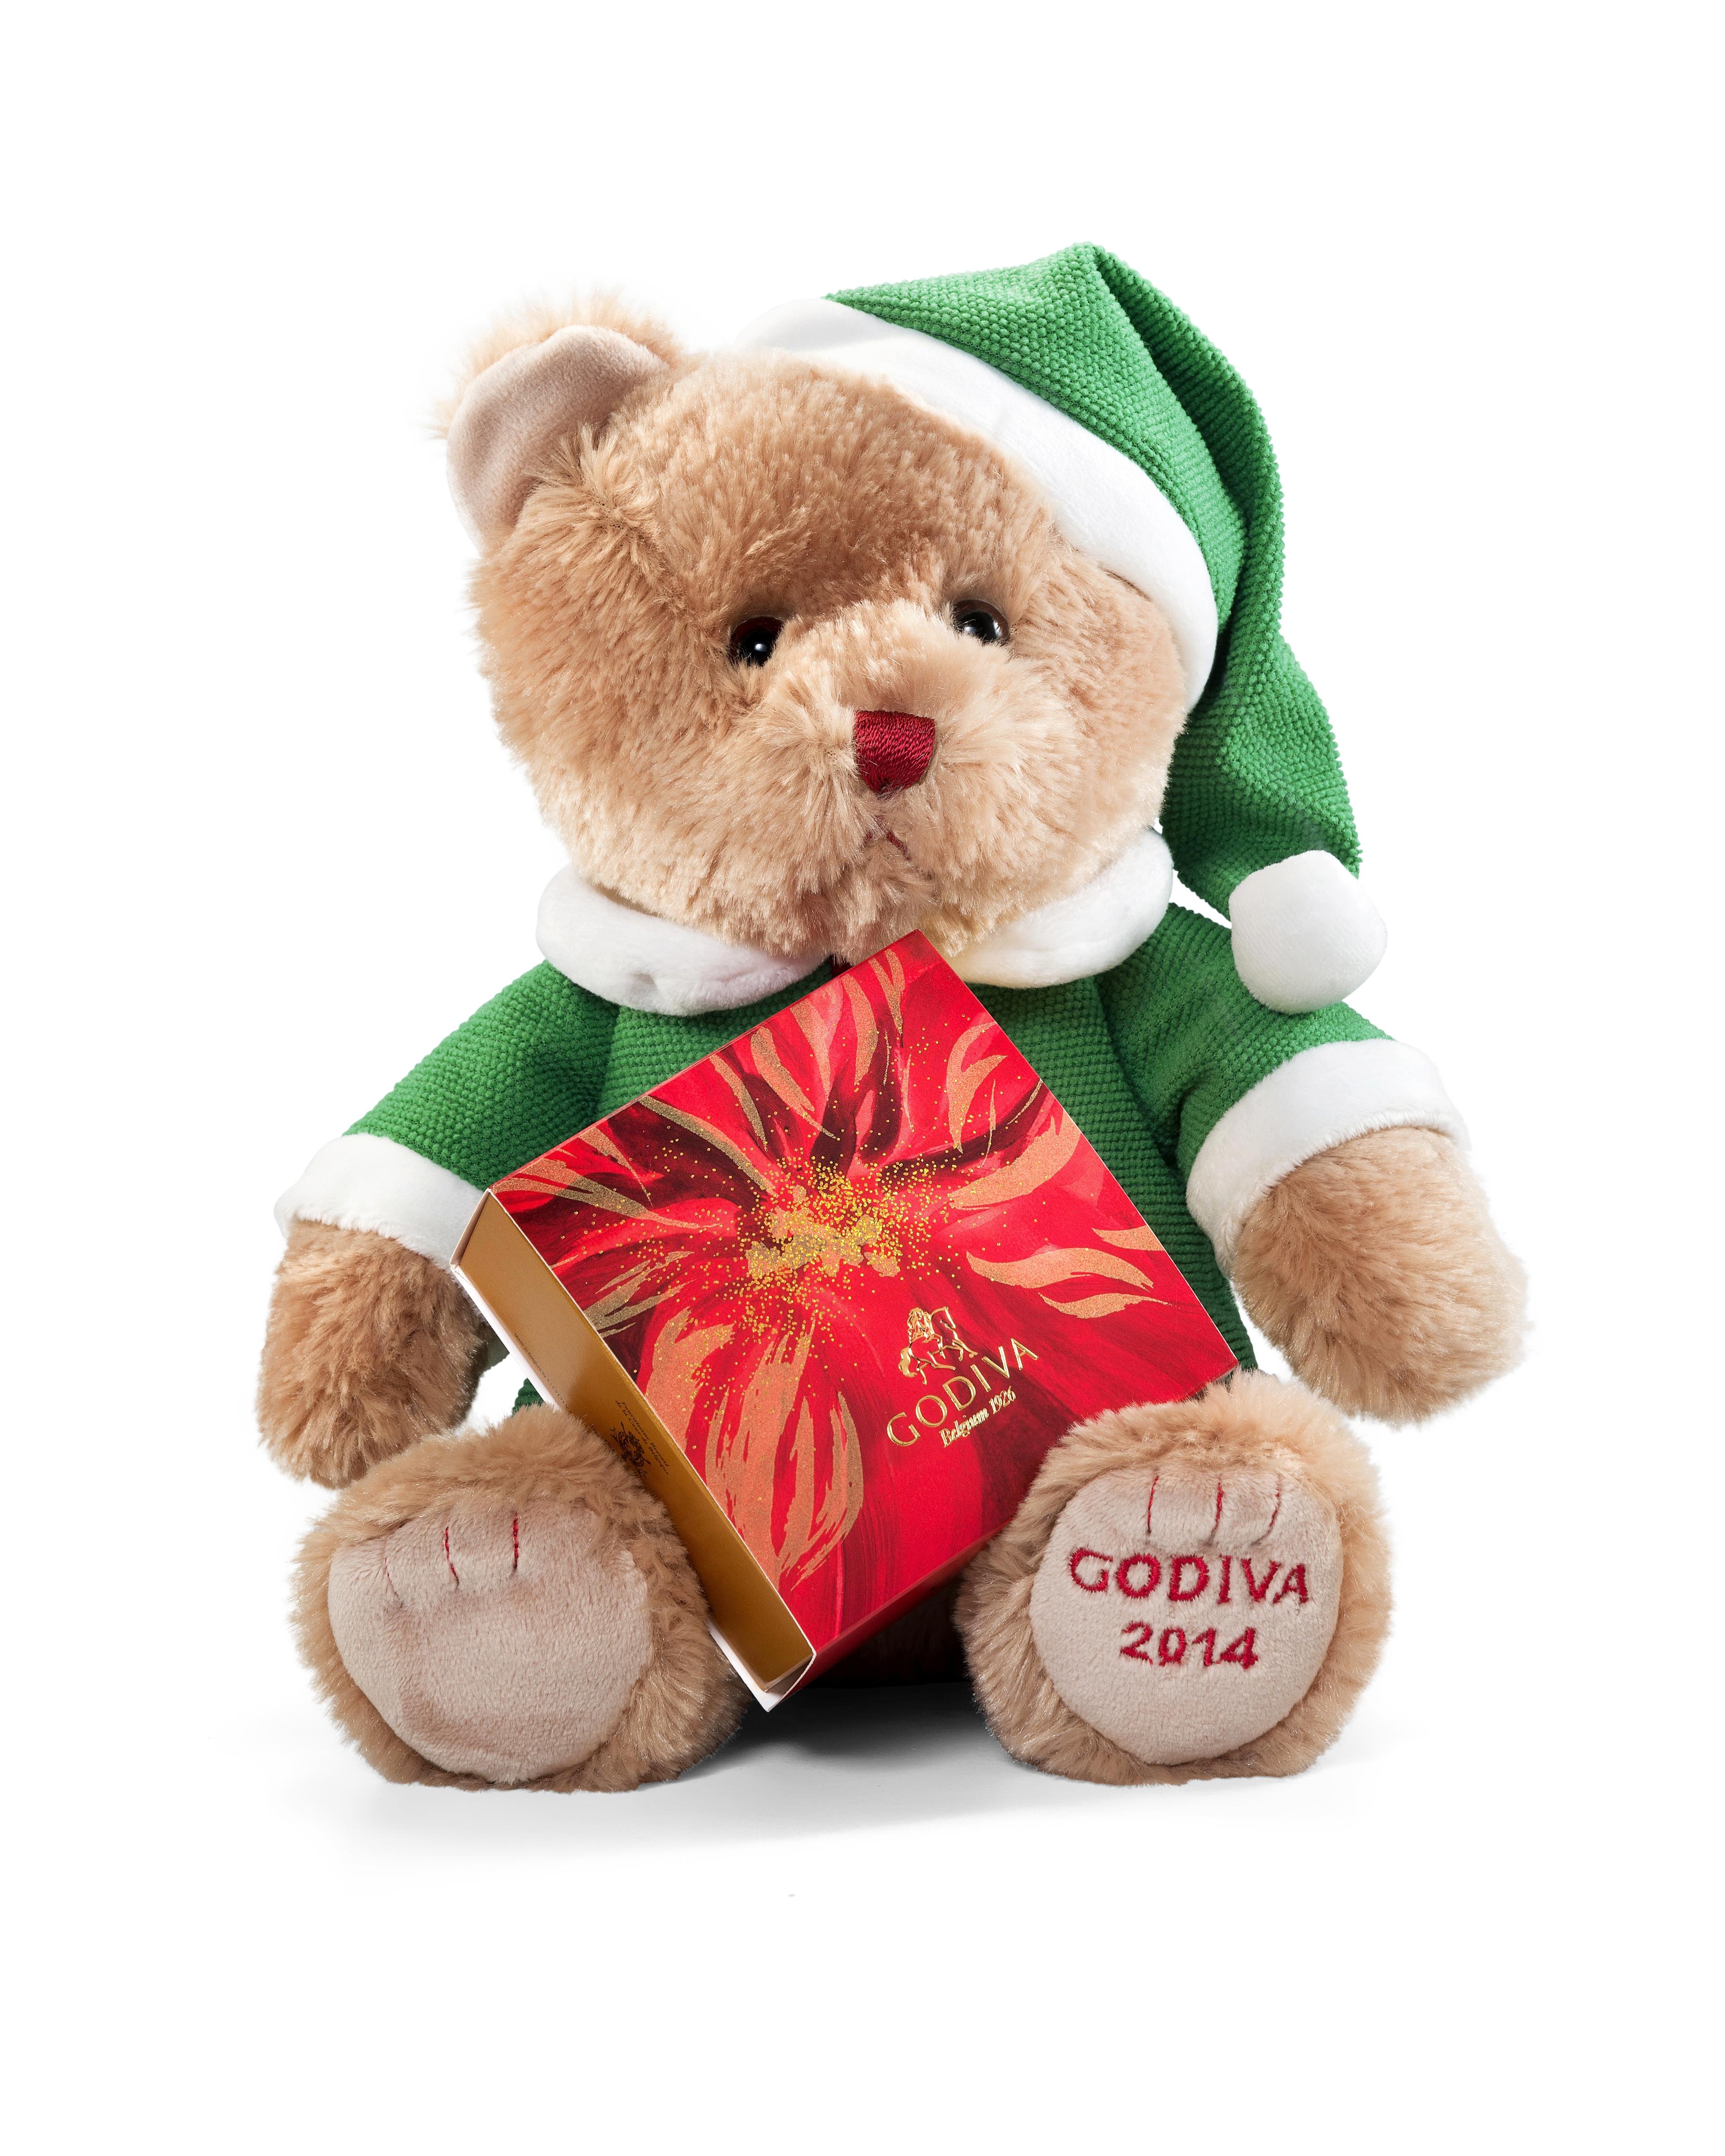 godiva bear